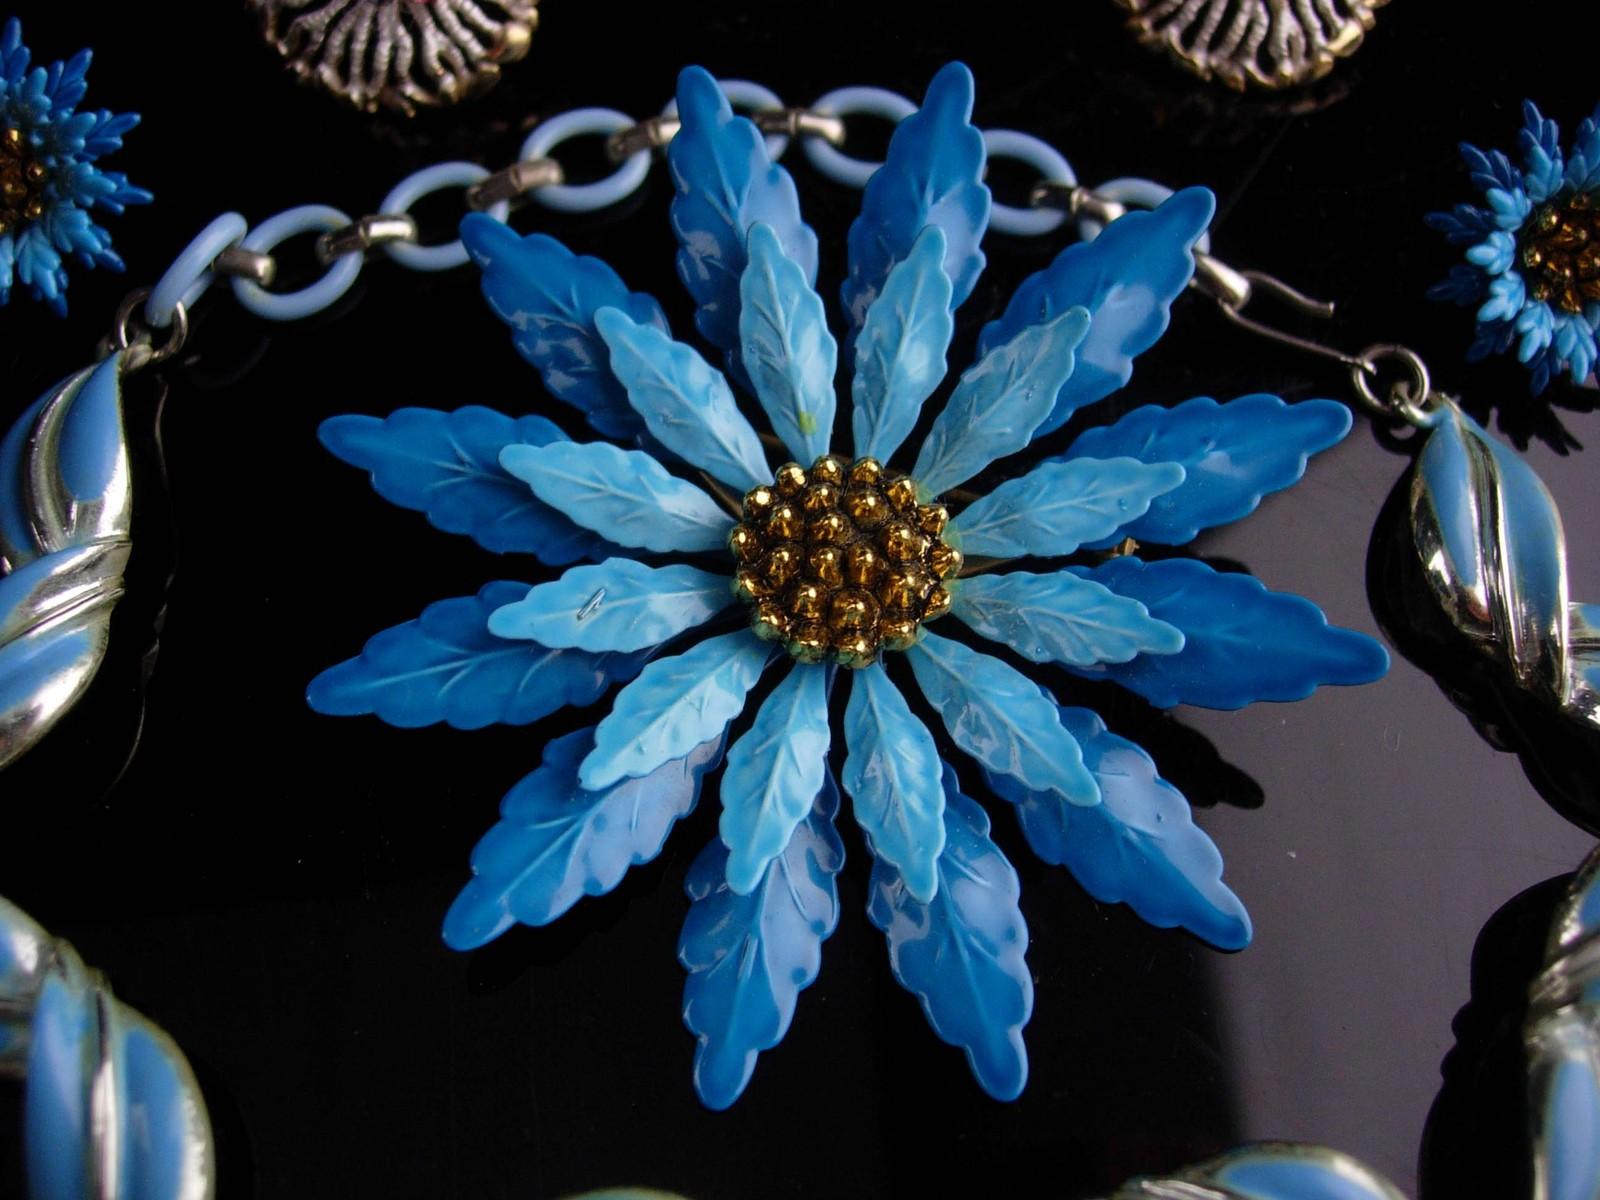 1950s lot - Coro Necklace - BIG flower brooch & earrings - enamel HUGE brooch se